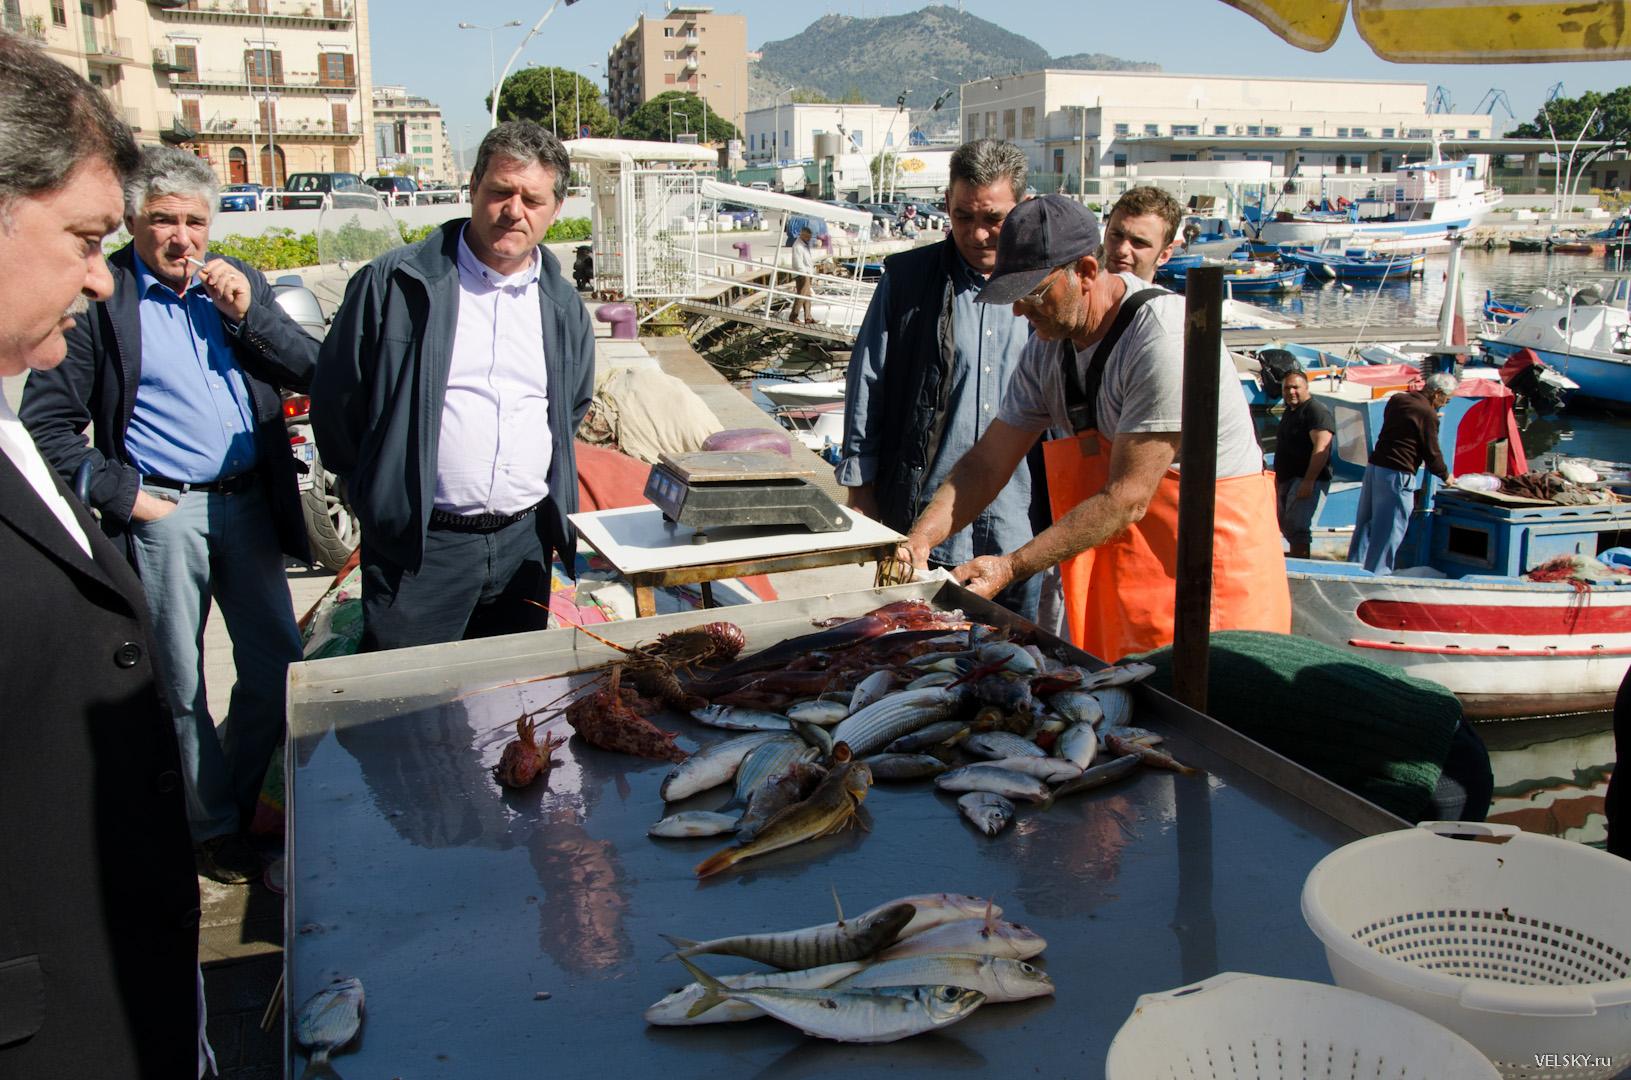 Продажа рыбы на пирсе